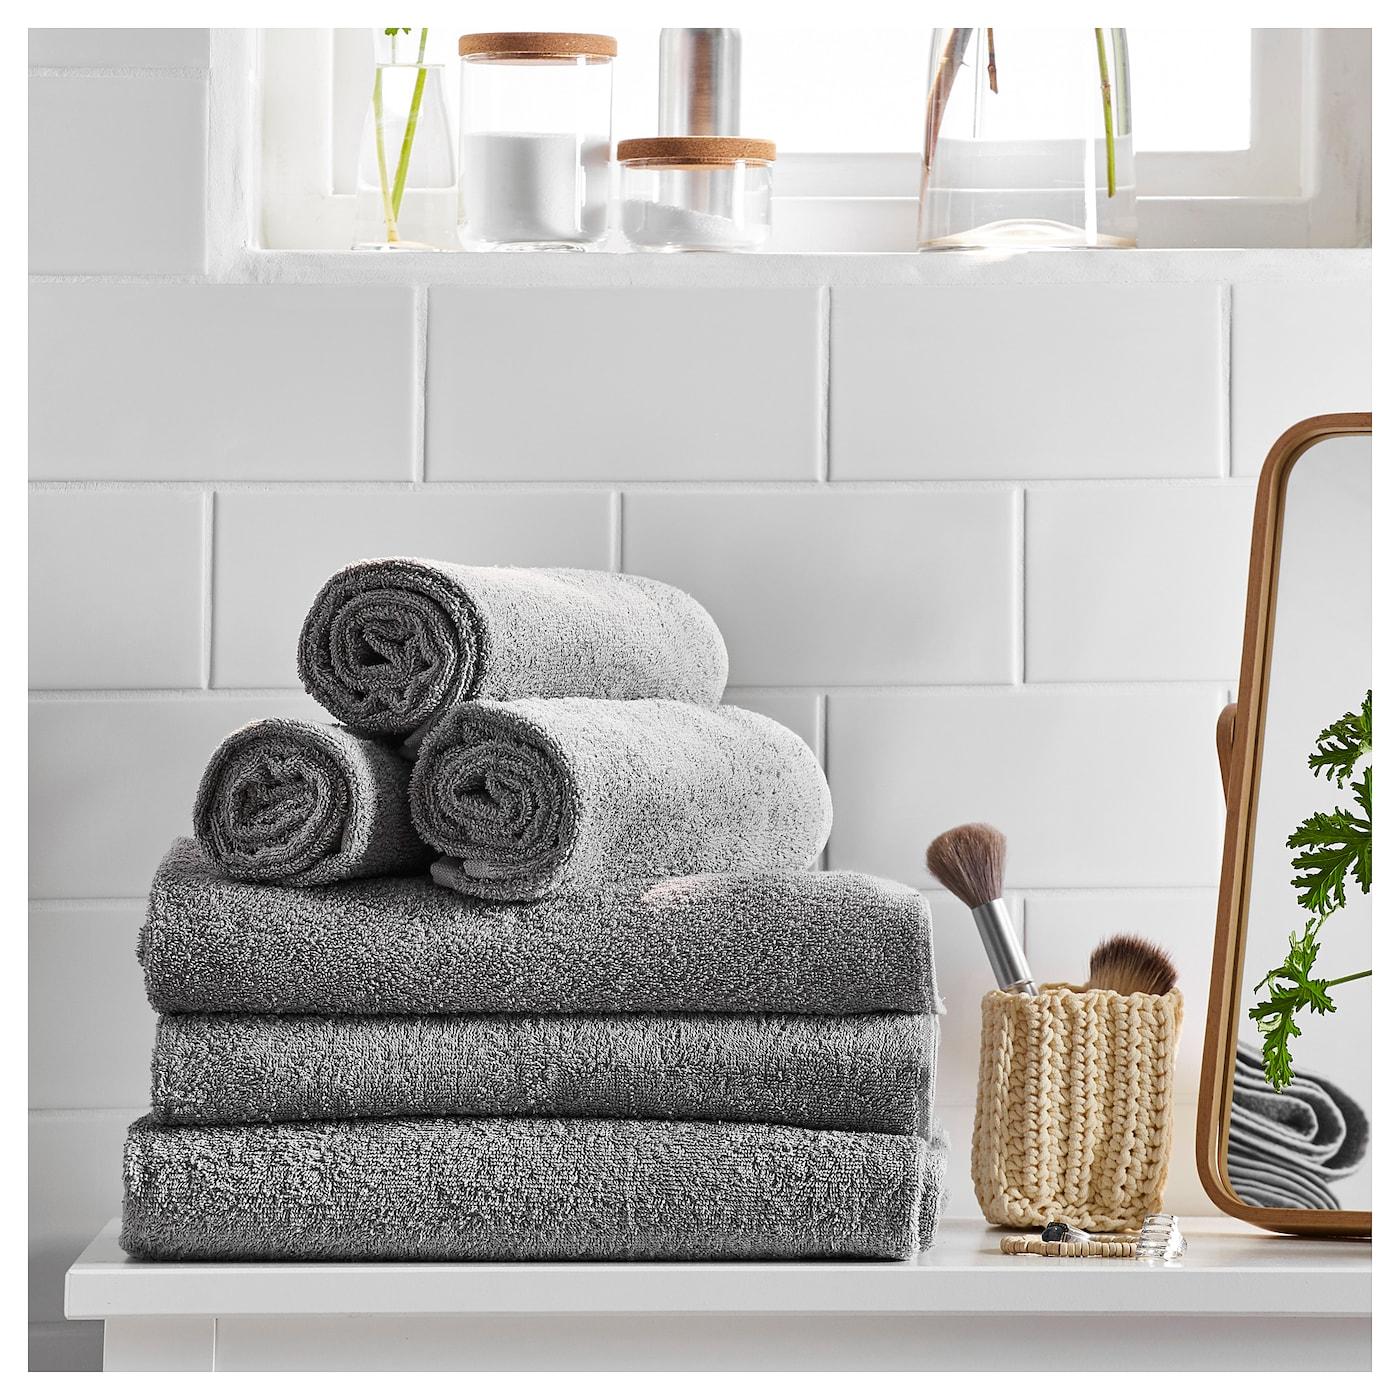 H ren toalla de ba o gris 100 x 150 cm ikea - Toallas de bano ikea ...